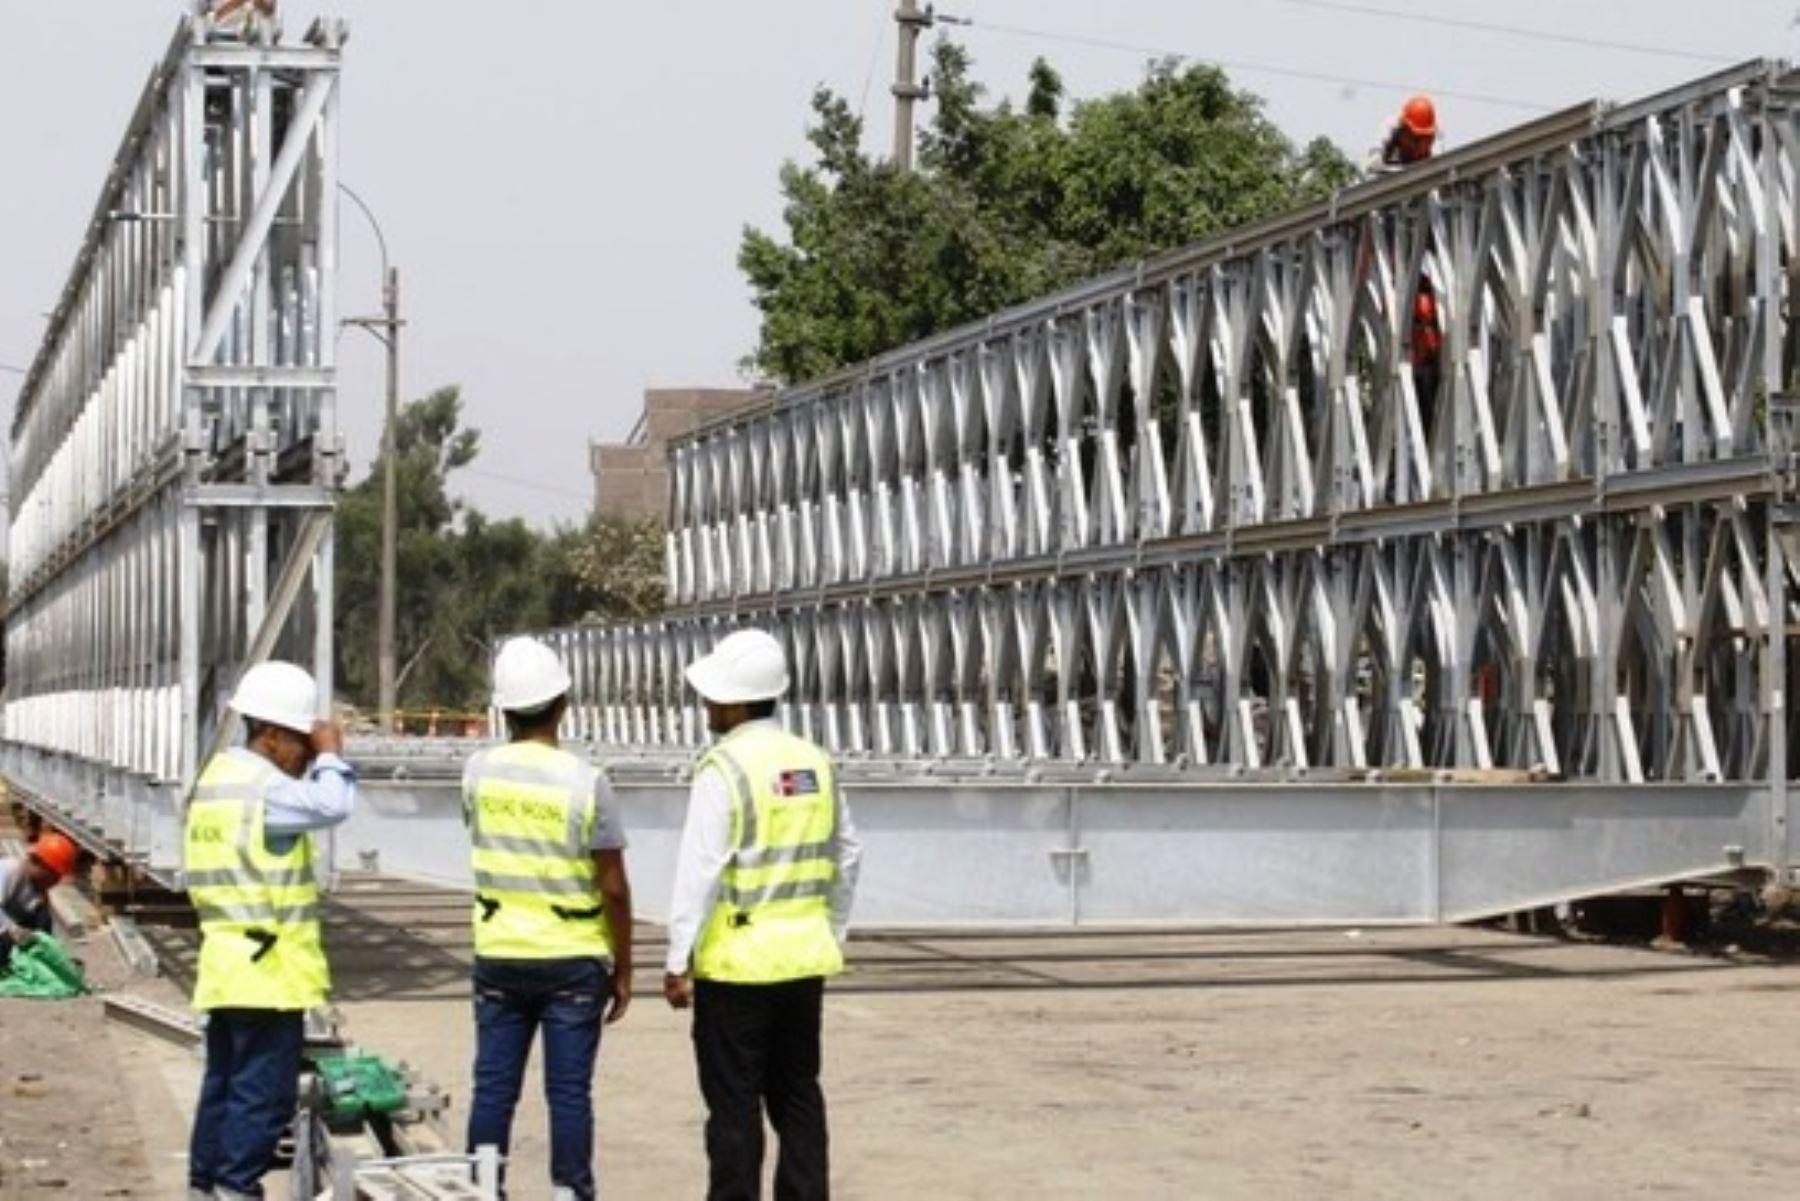 MTC dará asistencia técnica para mantenimiento de puentes modulares en Lima. Foto: ANDINA/Difusión.